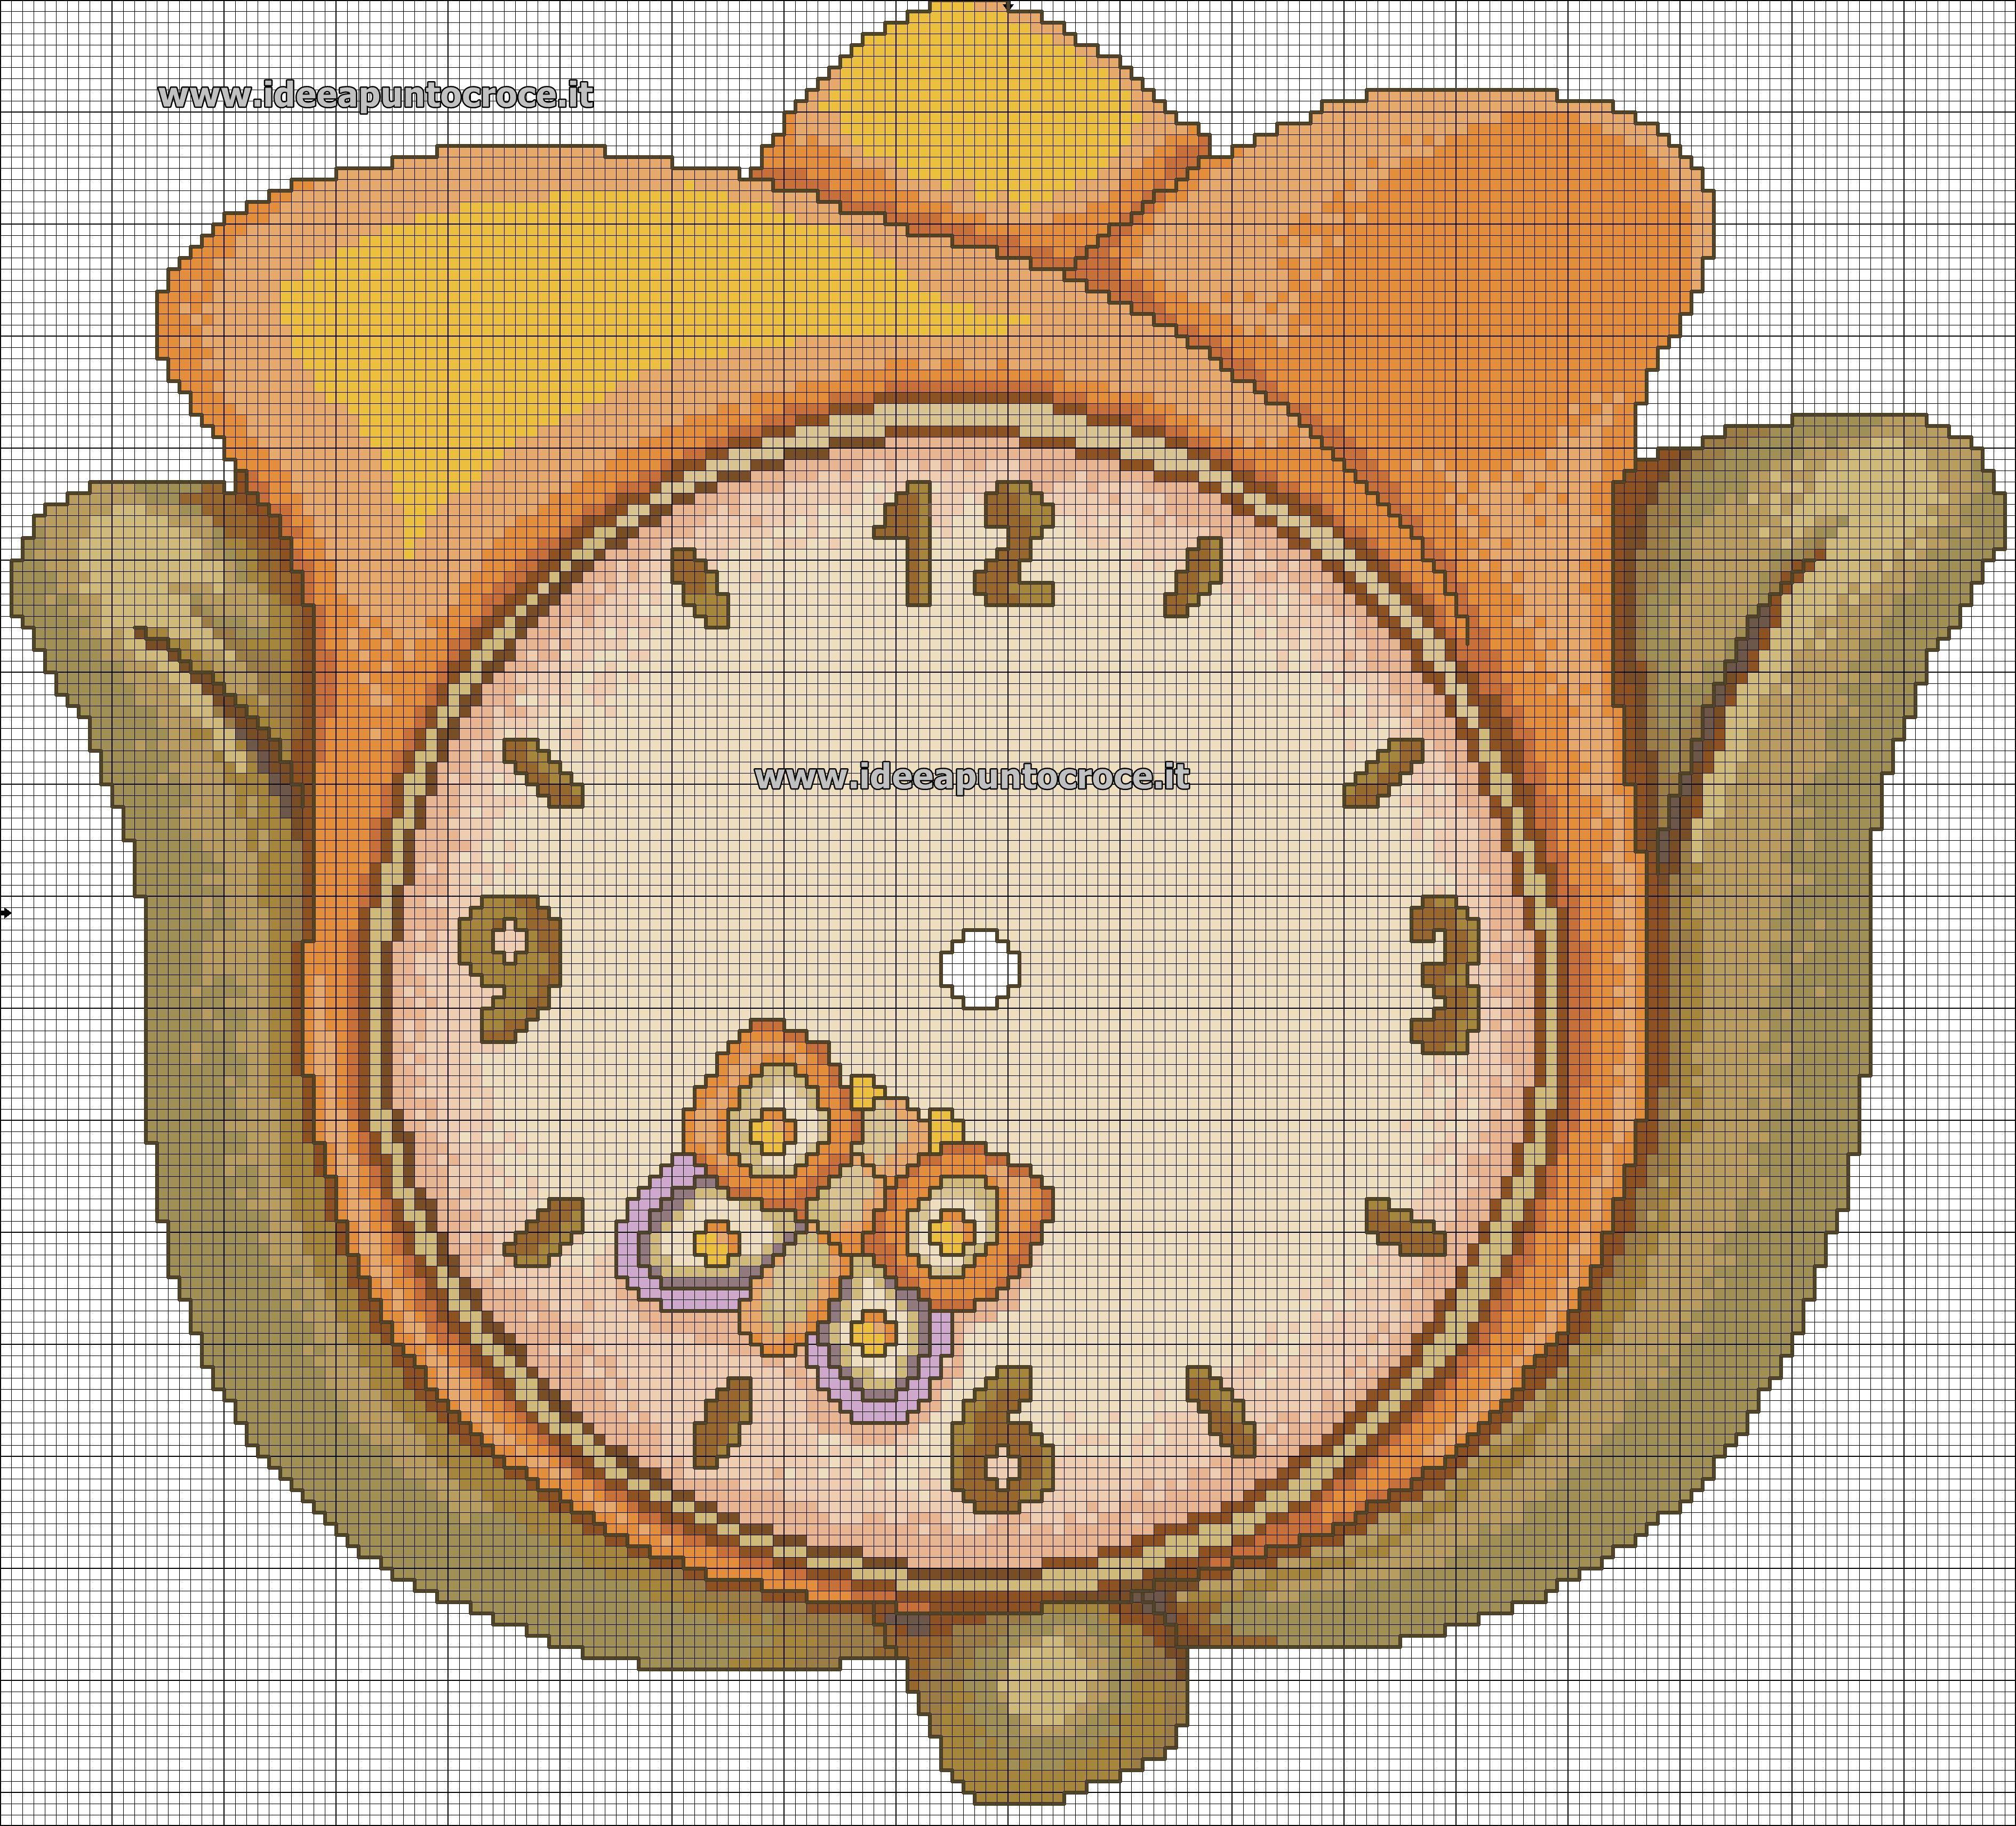 Formella thun schema punto croce schemi thun for Orologio punto croce schemi gratis